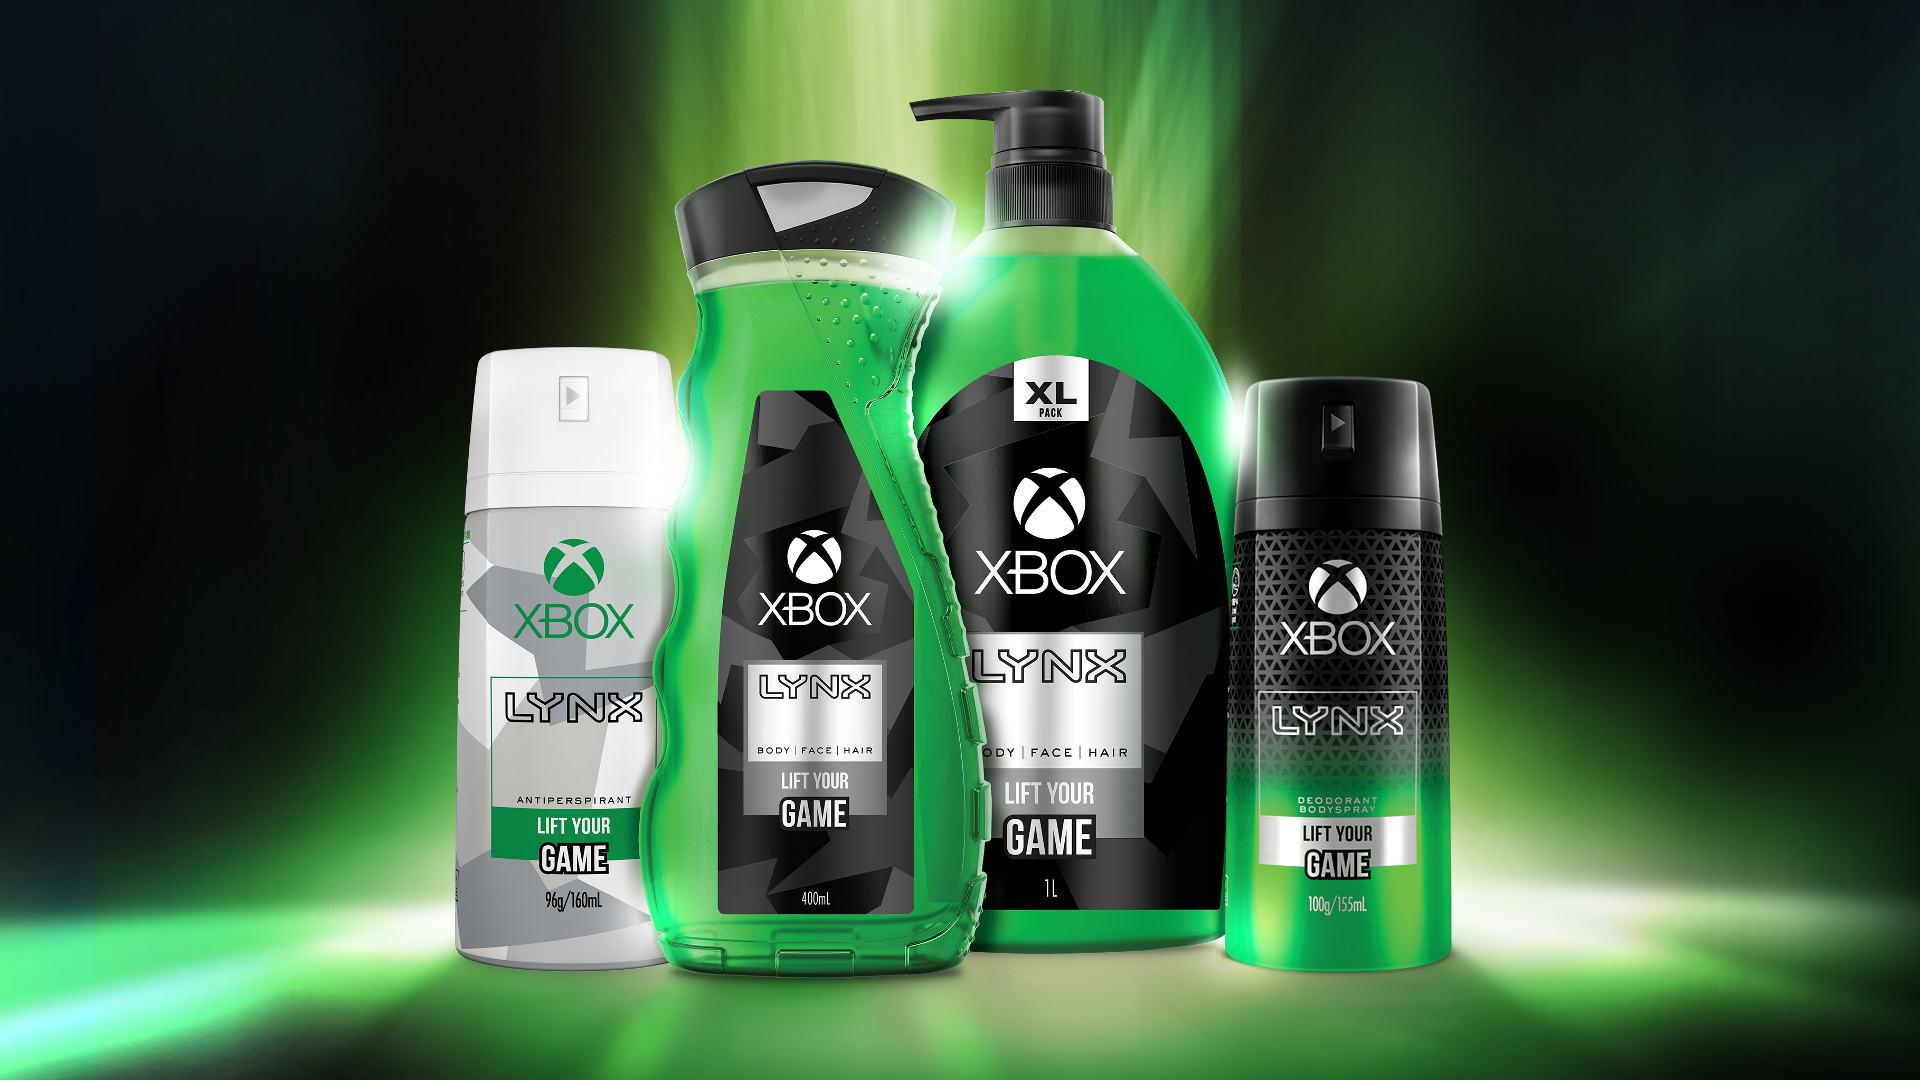 اکسباکس لینکس Xbox Lynx مایکروسافت